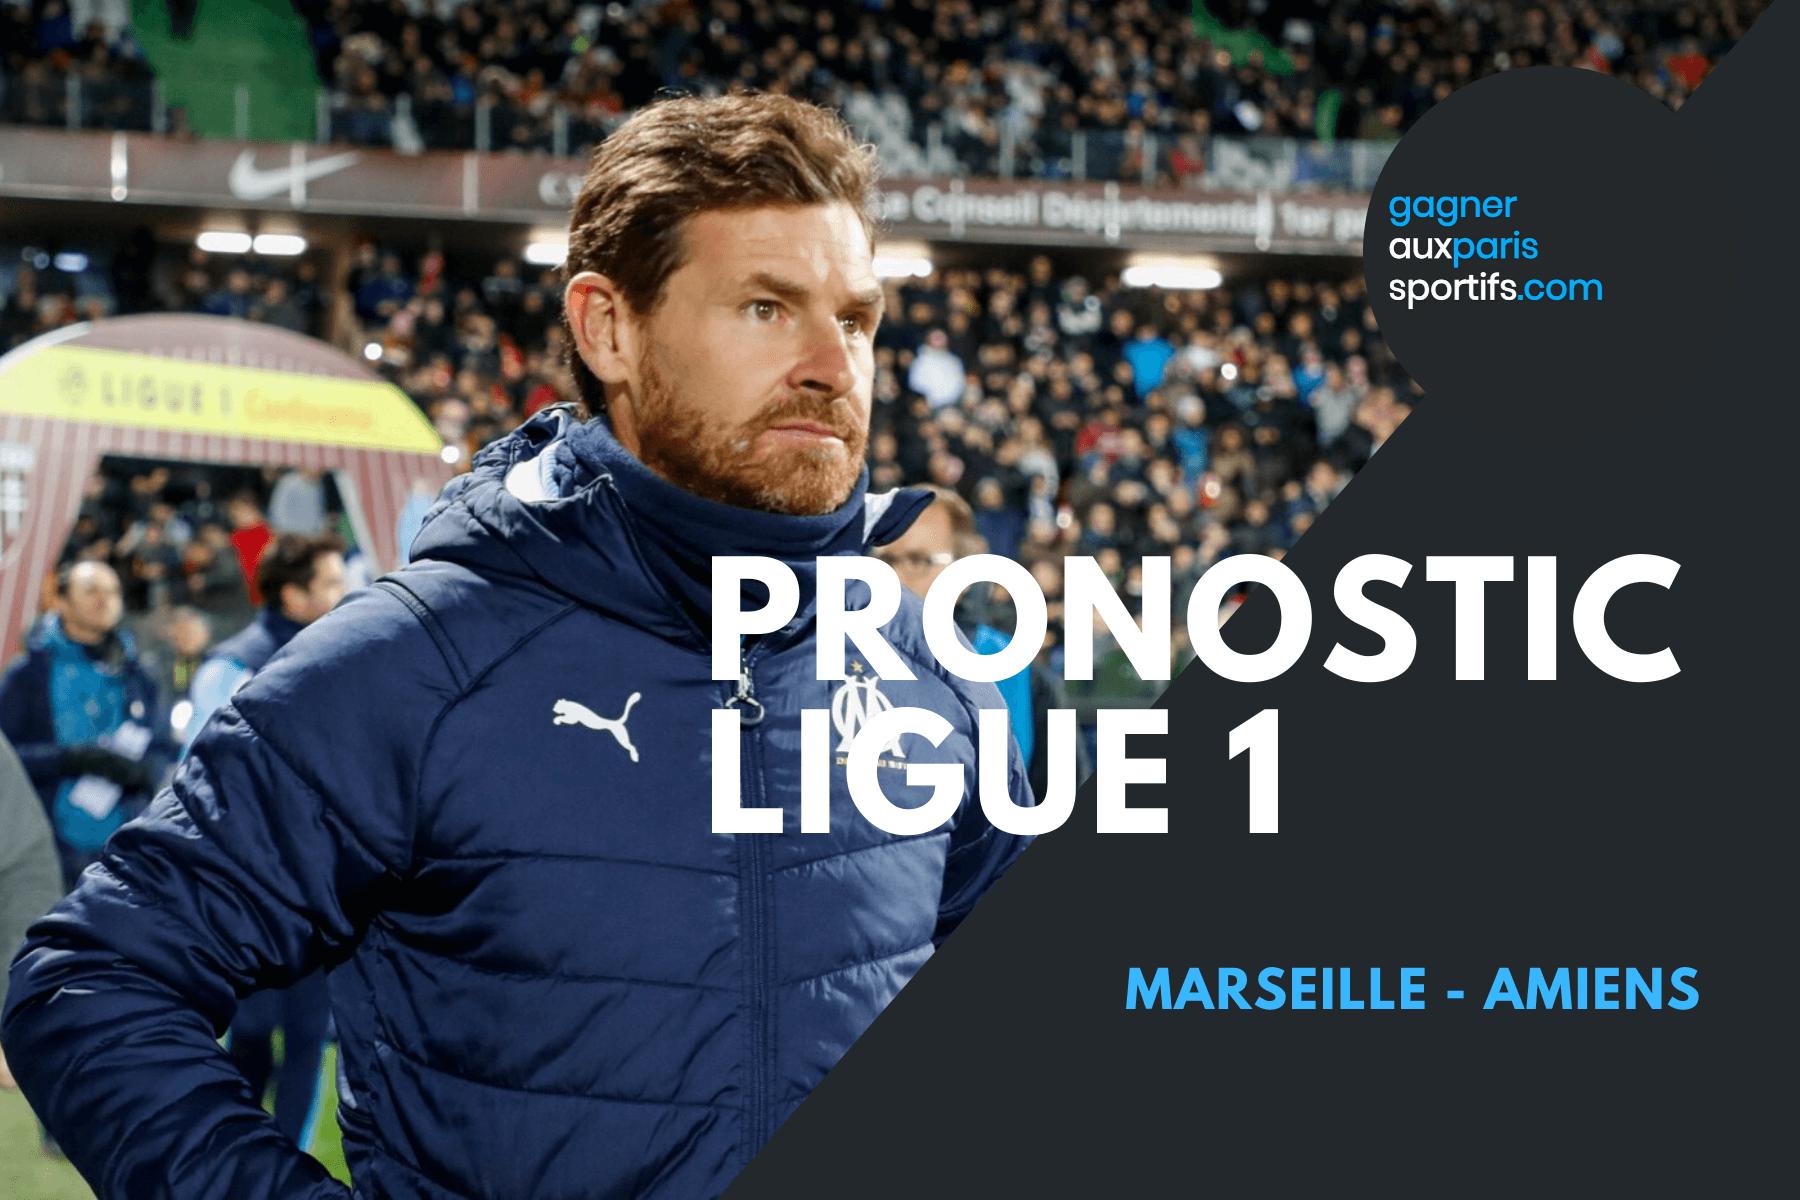 PRONOSTIC Marseille - Amiens Ligue 1